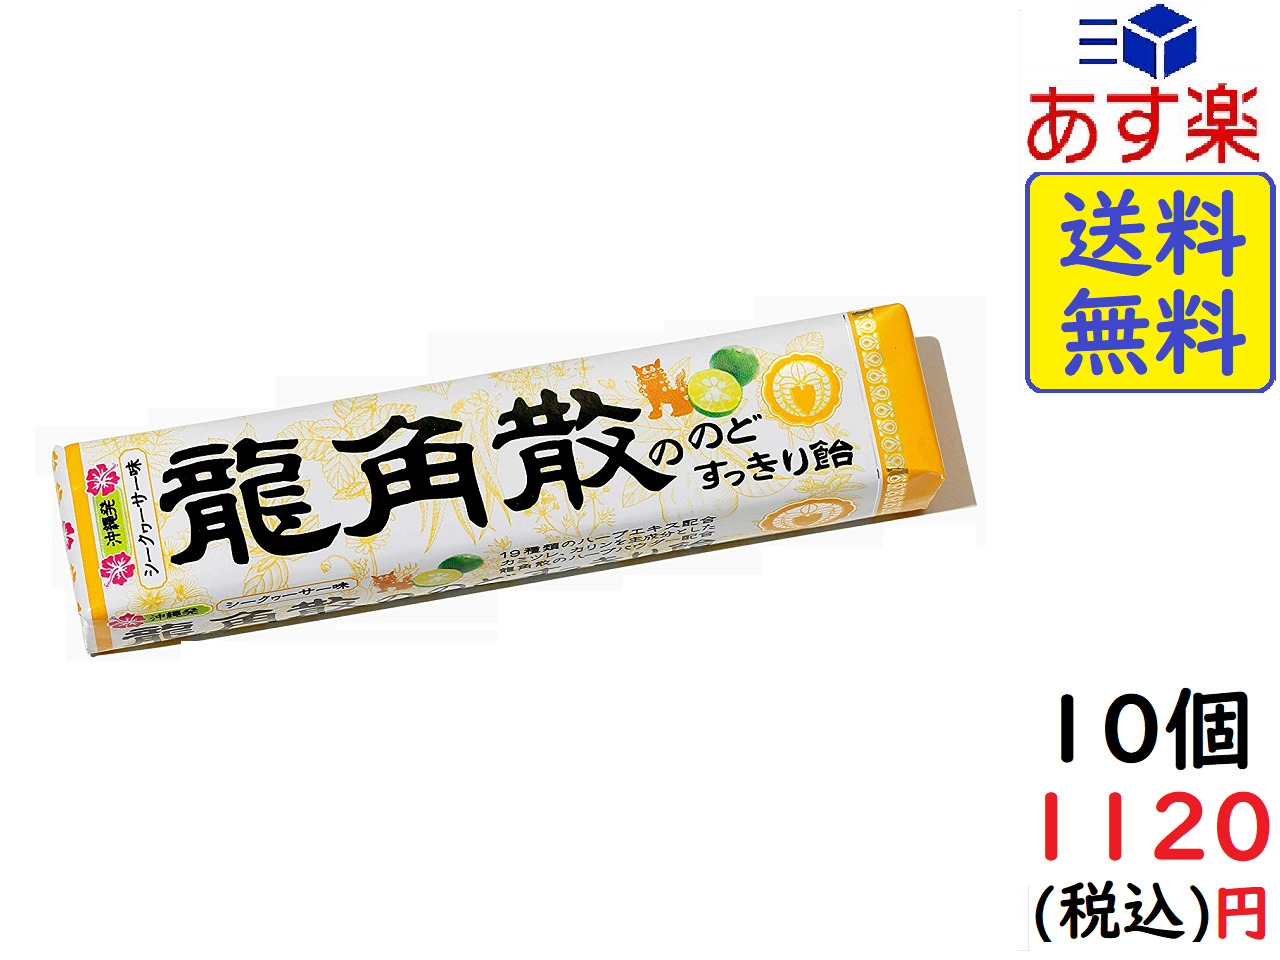 予約販売 送料無料 あす楽対応 ポスト投函 龍角散 龍角散ののどすっきり飴 10粒×10本 シークヮサー味 スティック 賞味期限2022 04 内祝い